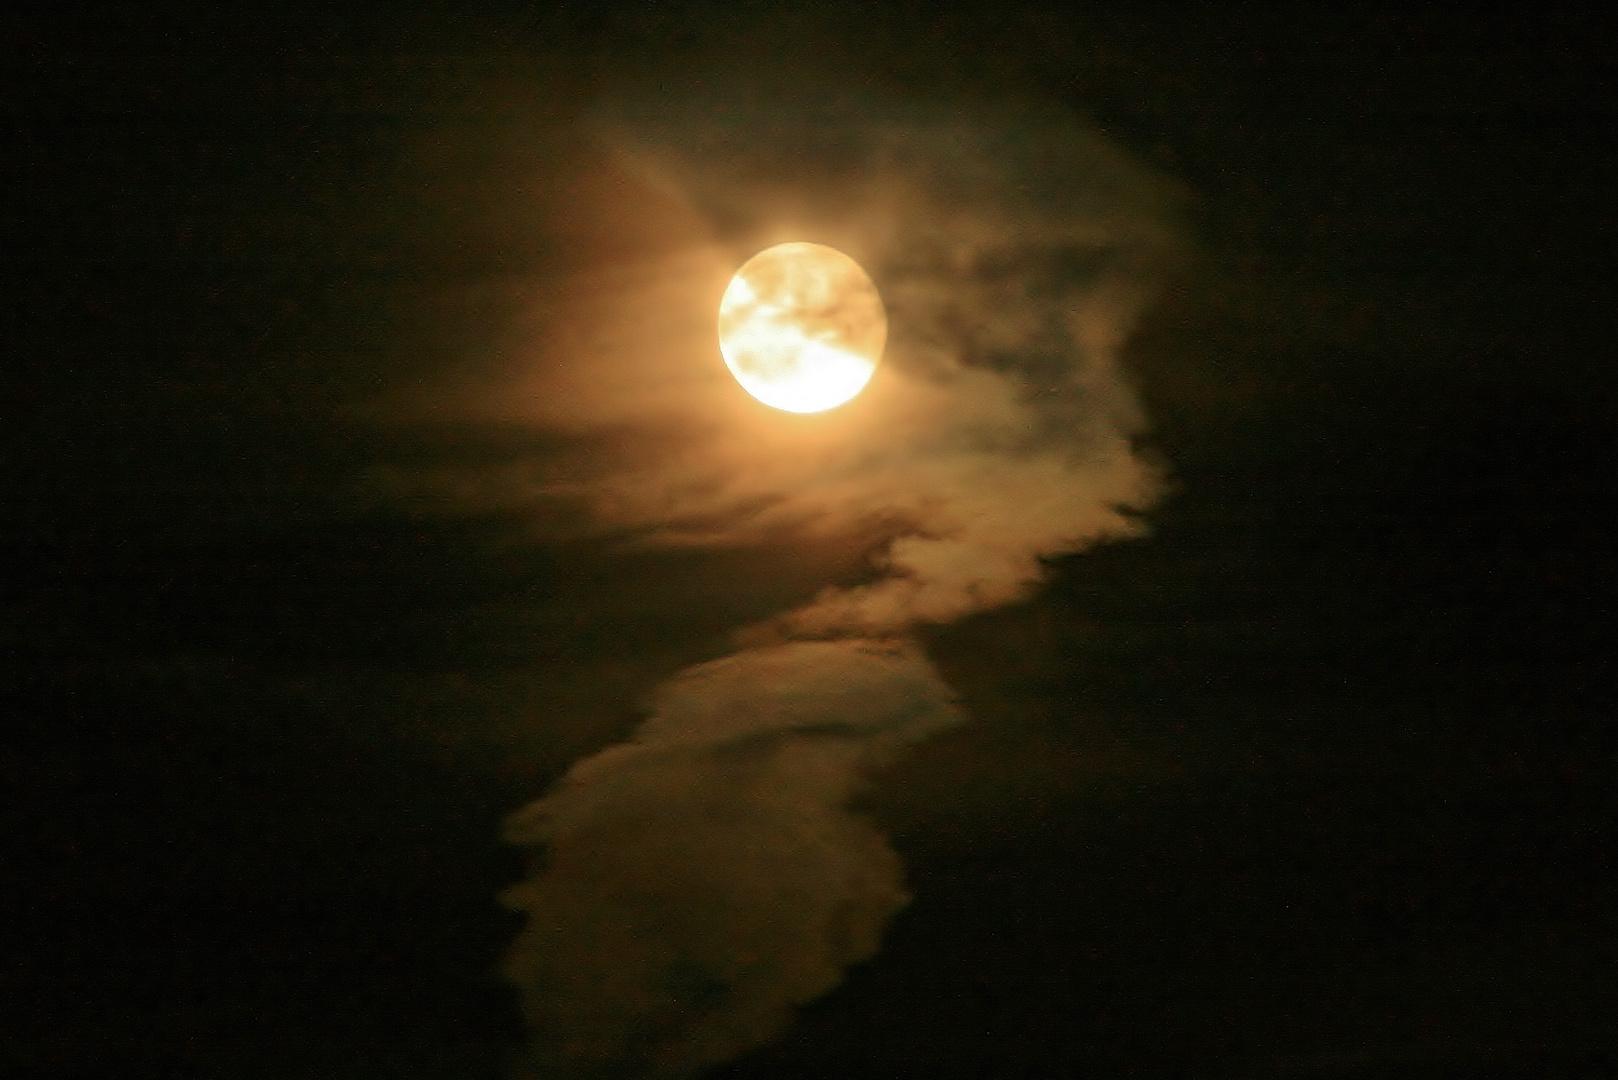 Mond hinter Chemtrails